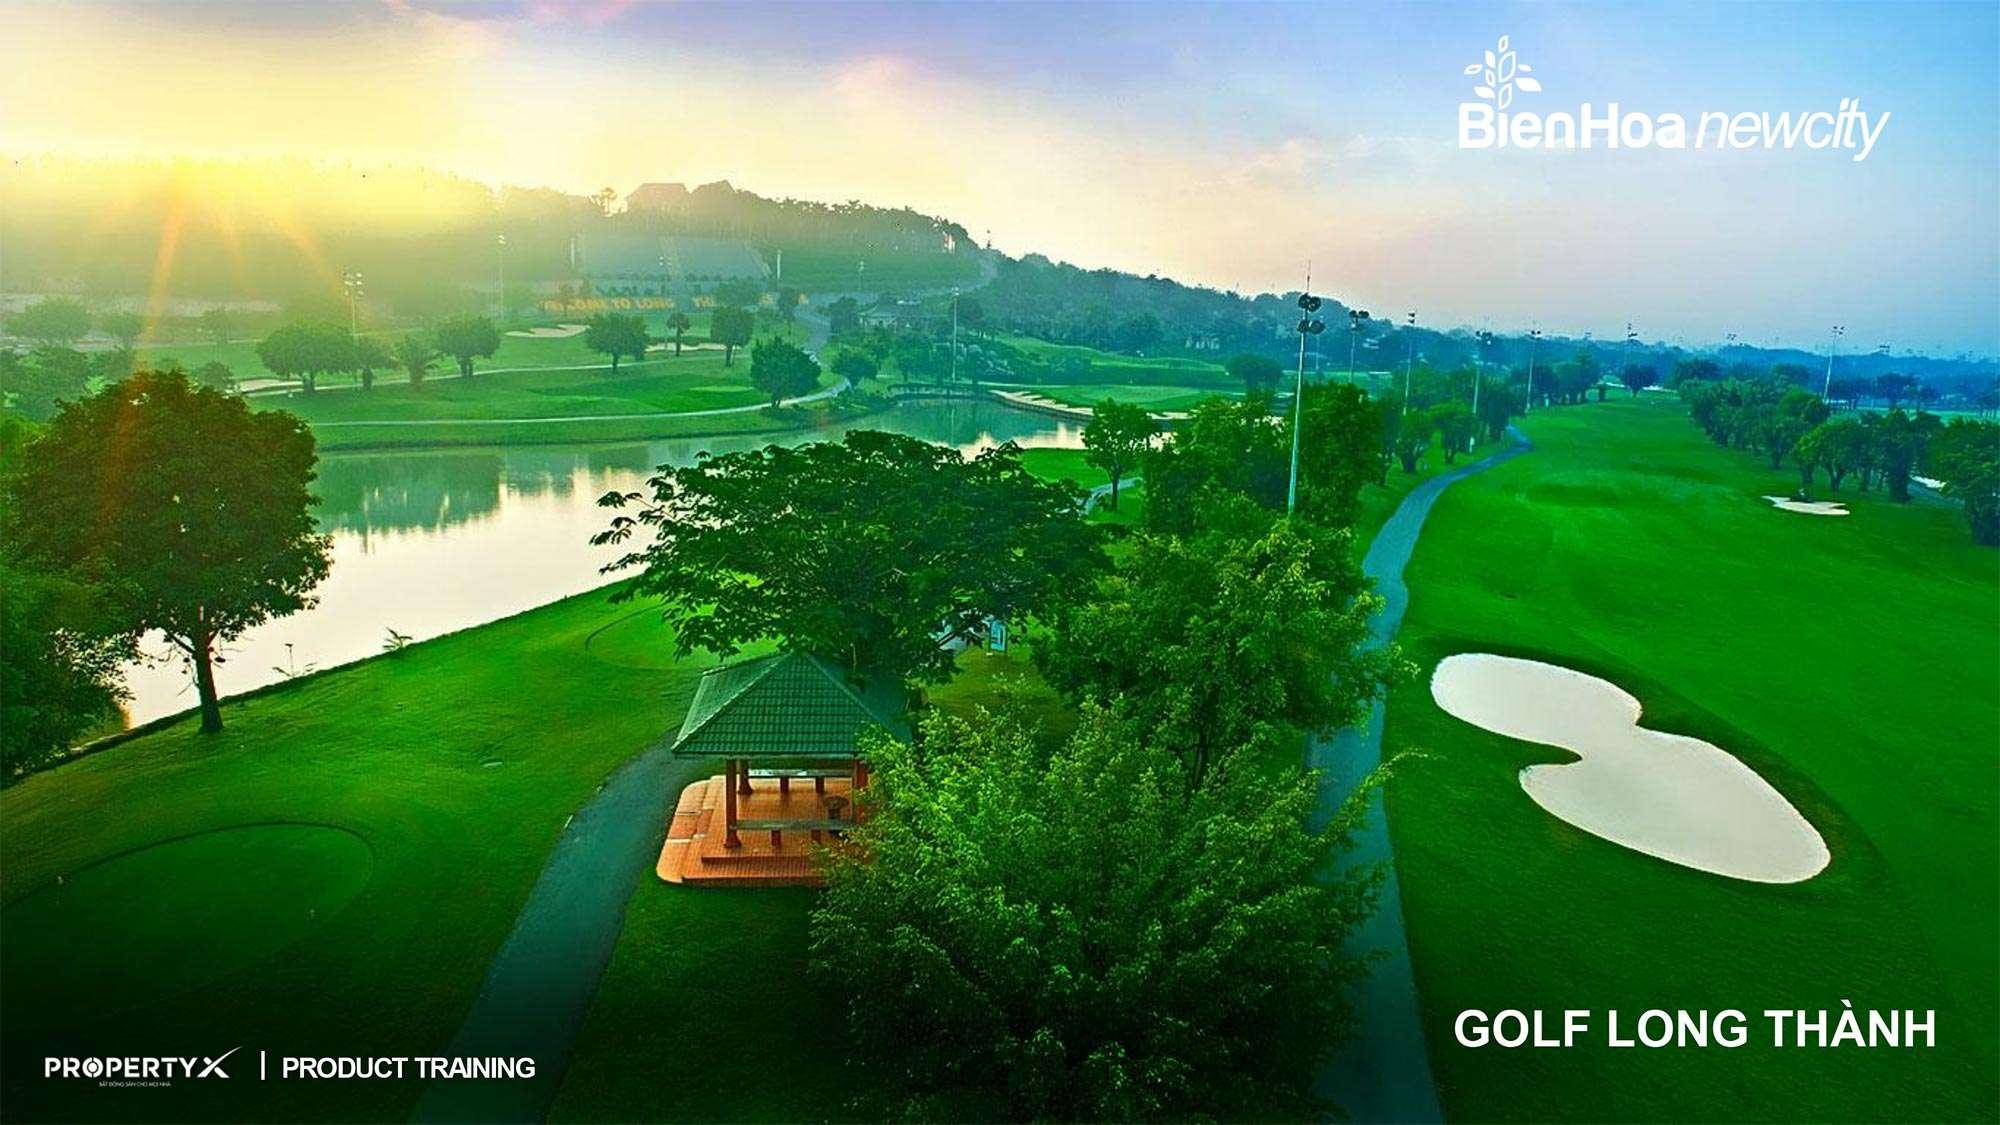 sân golf dự án đất nền biên hòa new city đồng nai